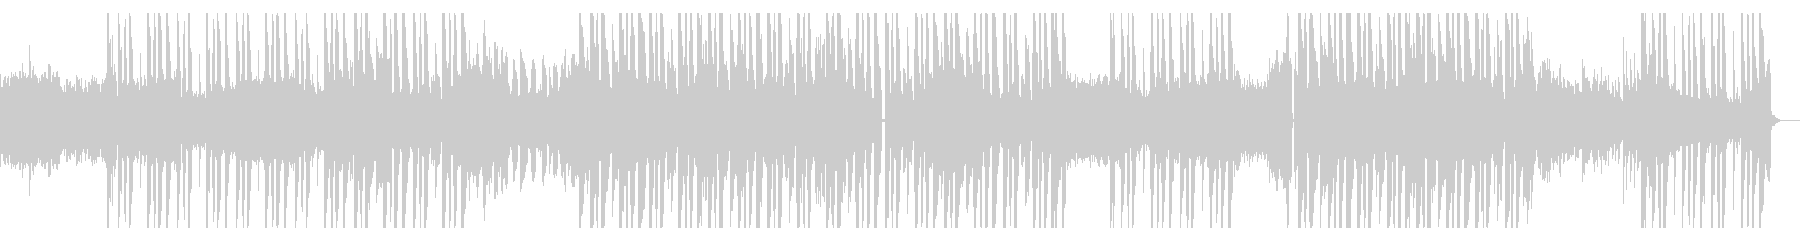 メロディアスなギターLofiヒップホップの未再生の波形